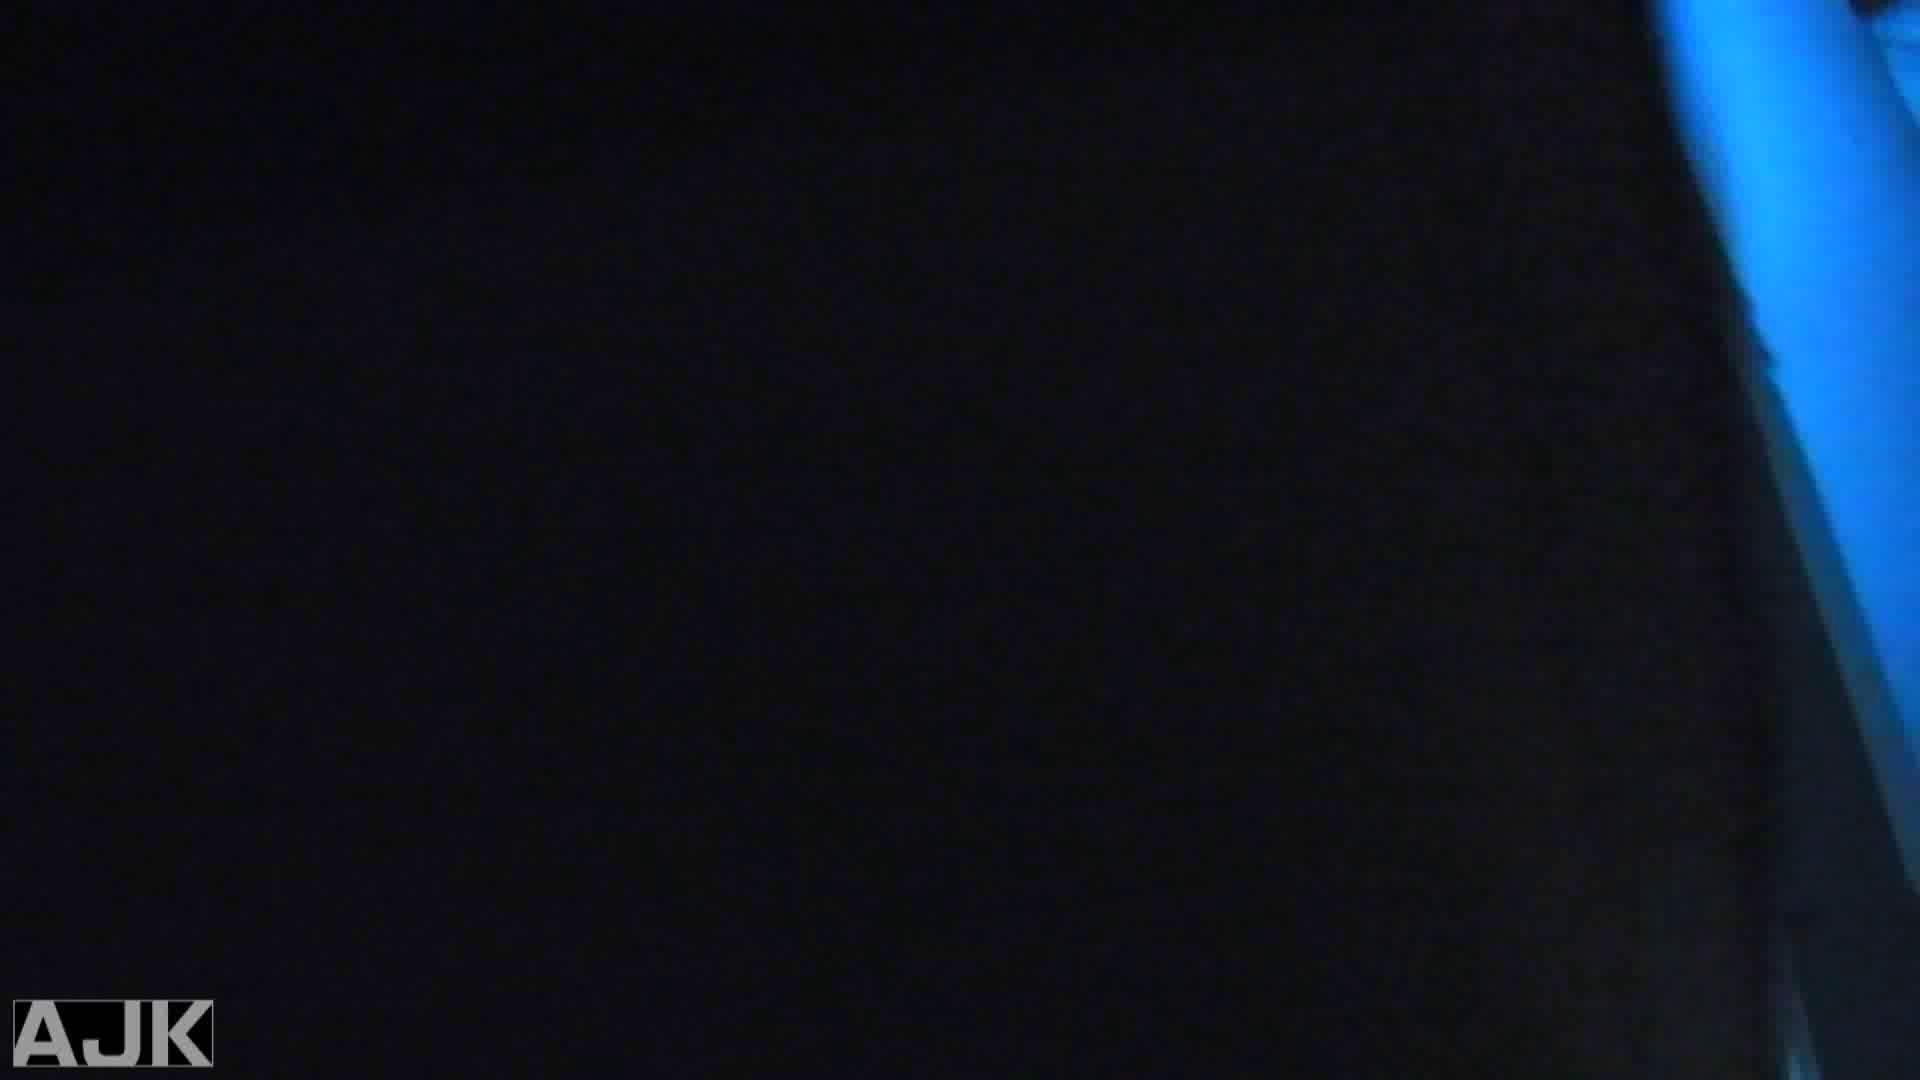 神降臨!史上最強の潜入かわや! vol.21 オマンコ | 盗撮  76pic 71